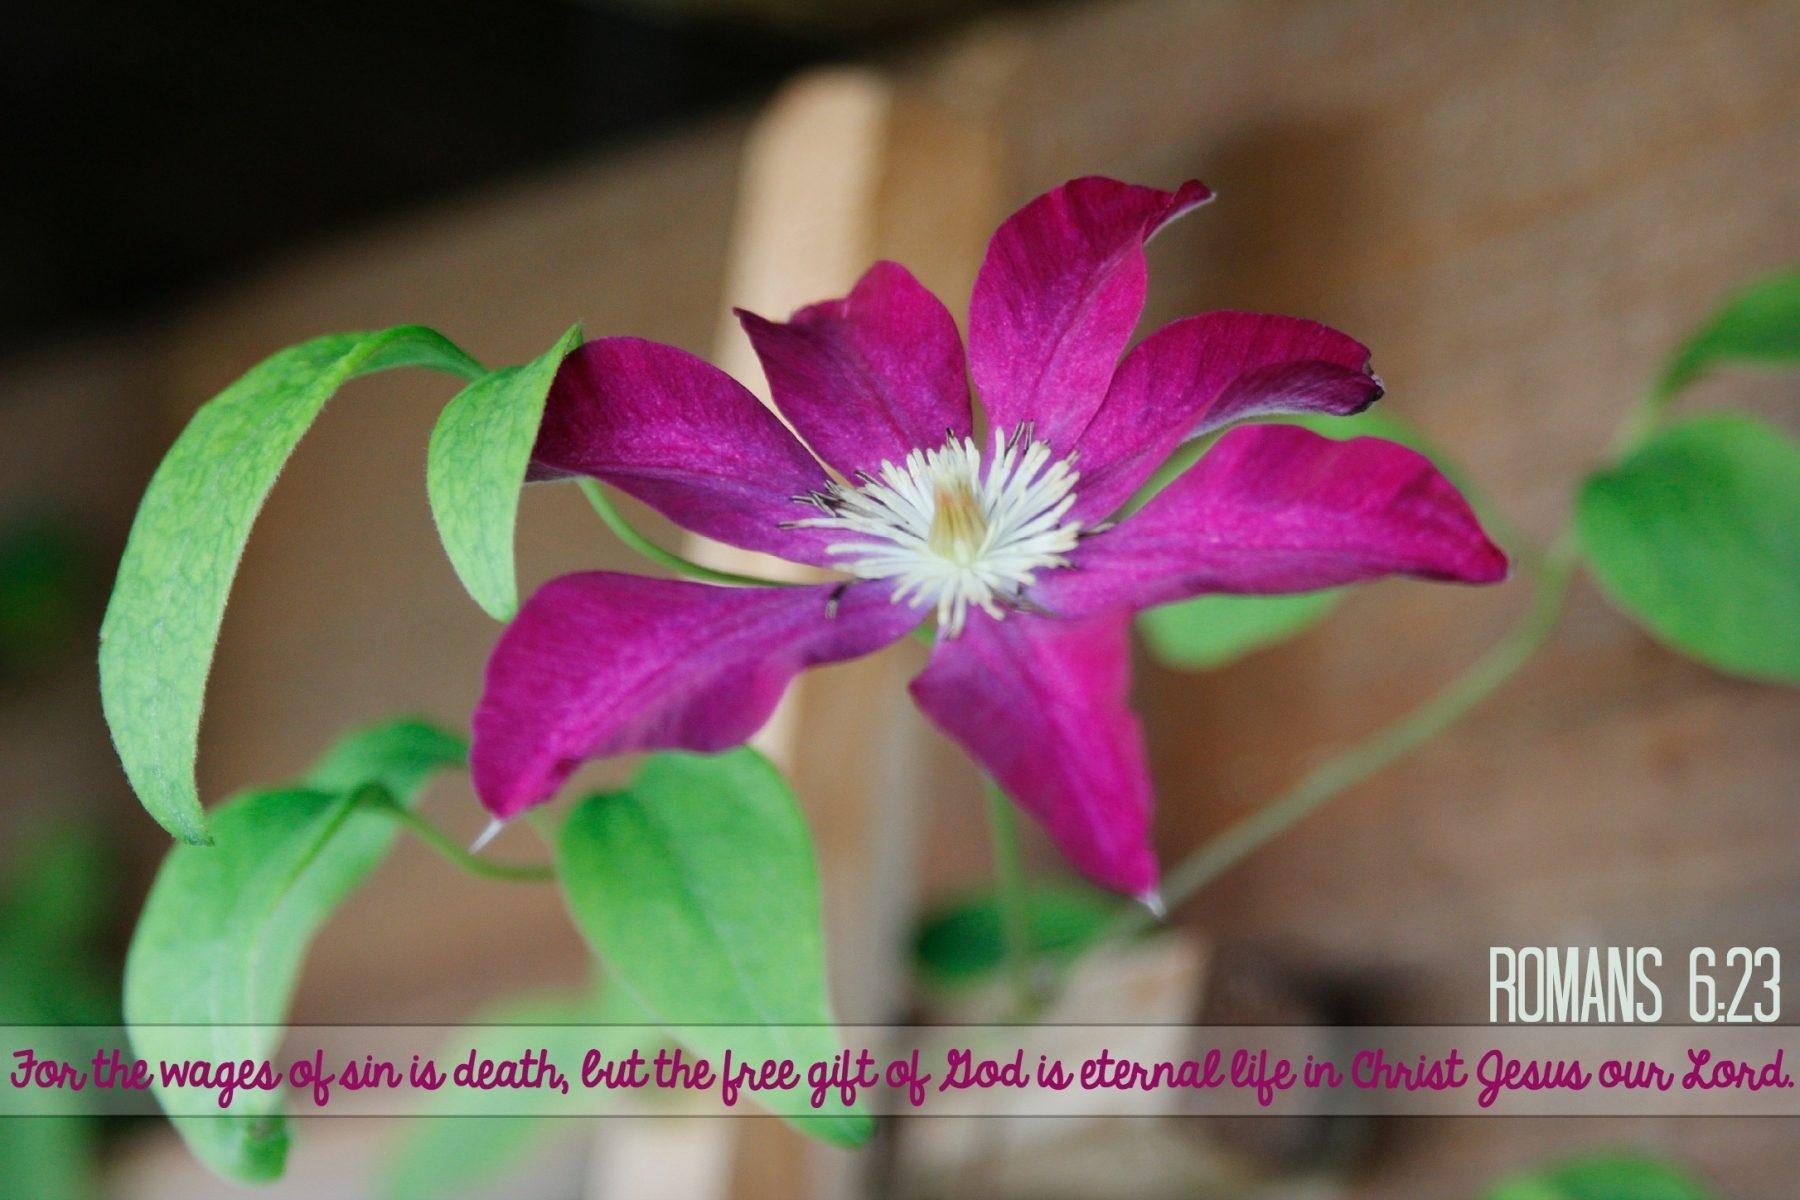 D2DL-Romans6:23